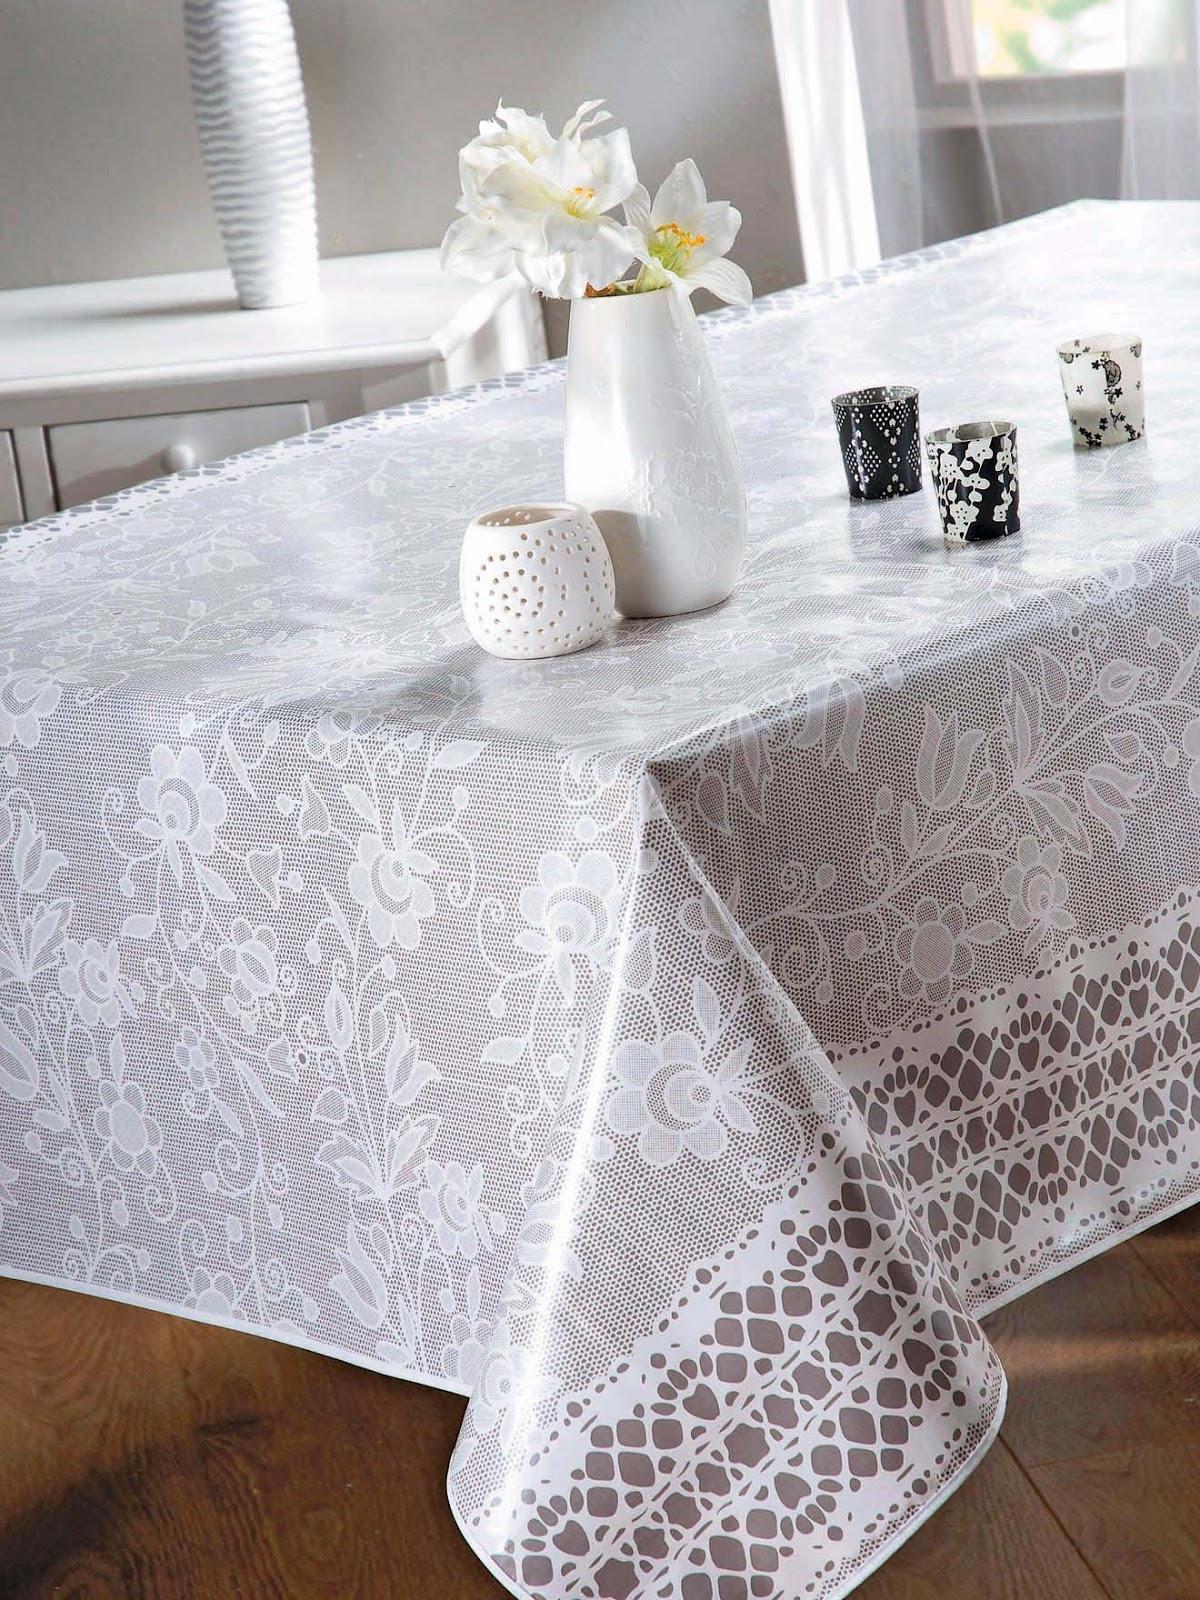 bonnes affaires d co profitez d un linge de table pas cher pour la f te de fin d ann e. Black Bedroom Furniture Sets. Home Design Ideas